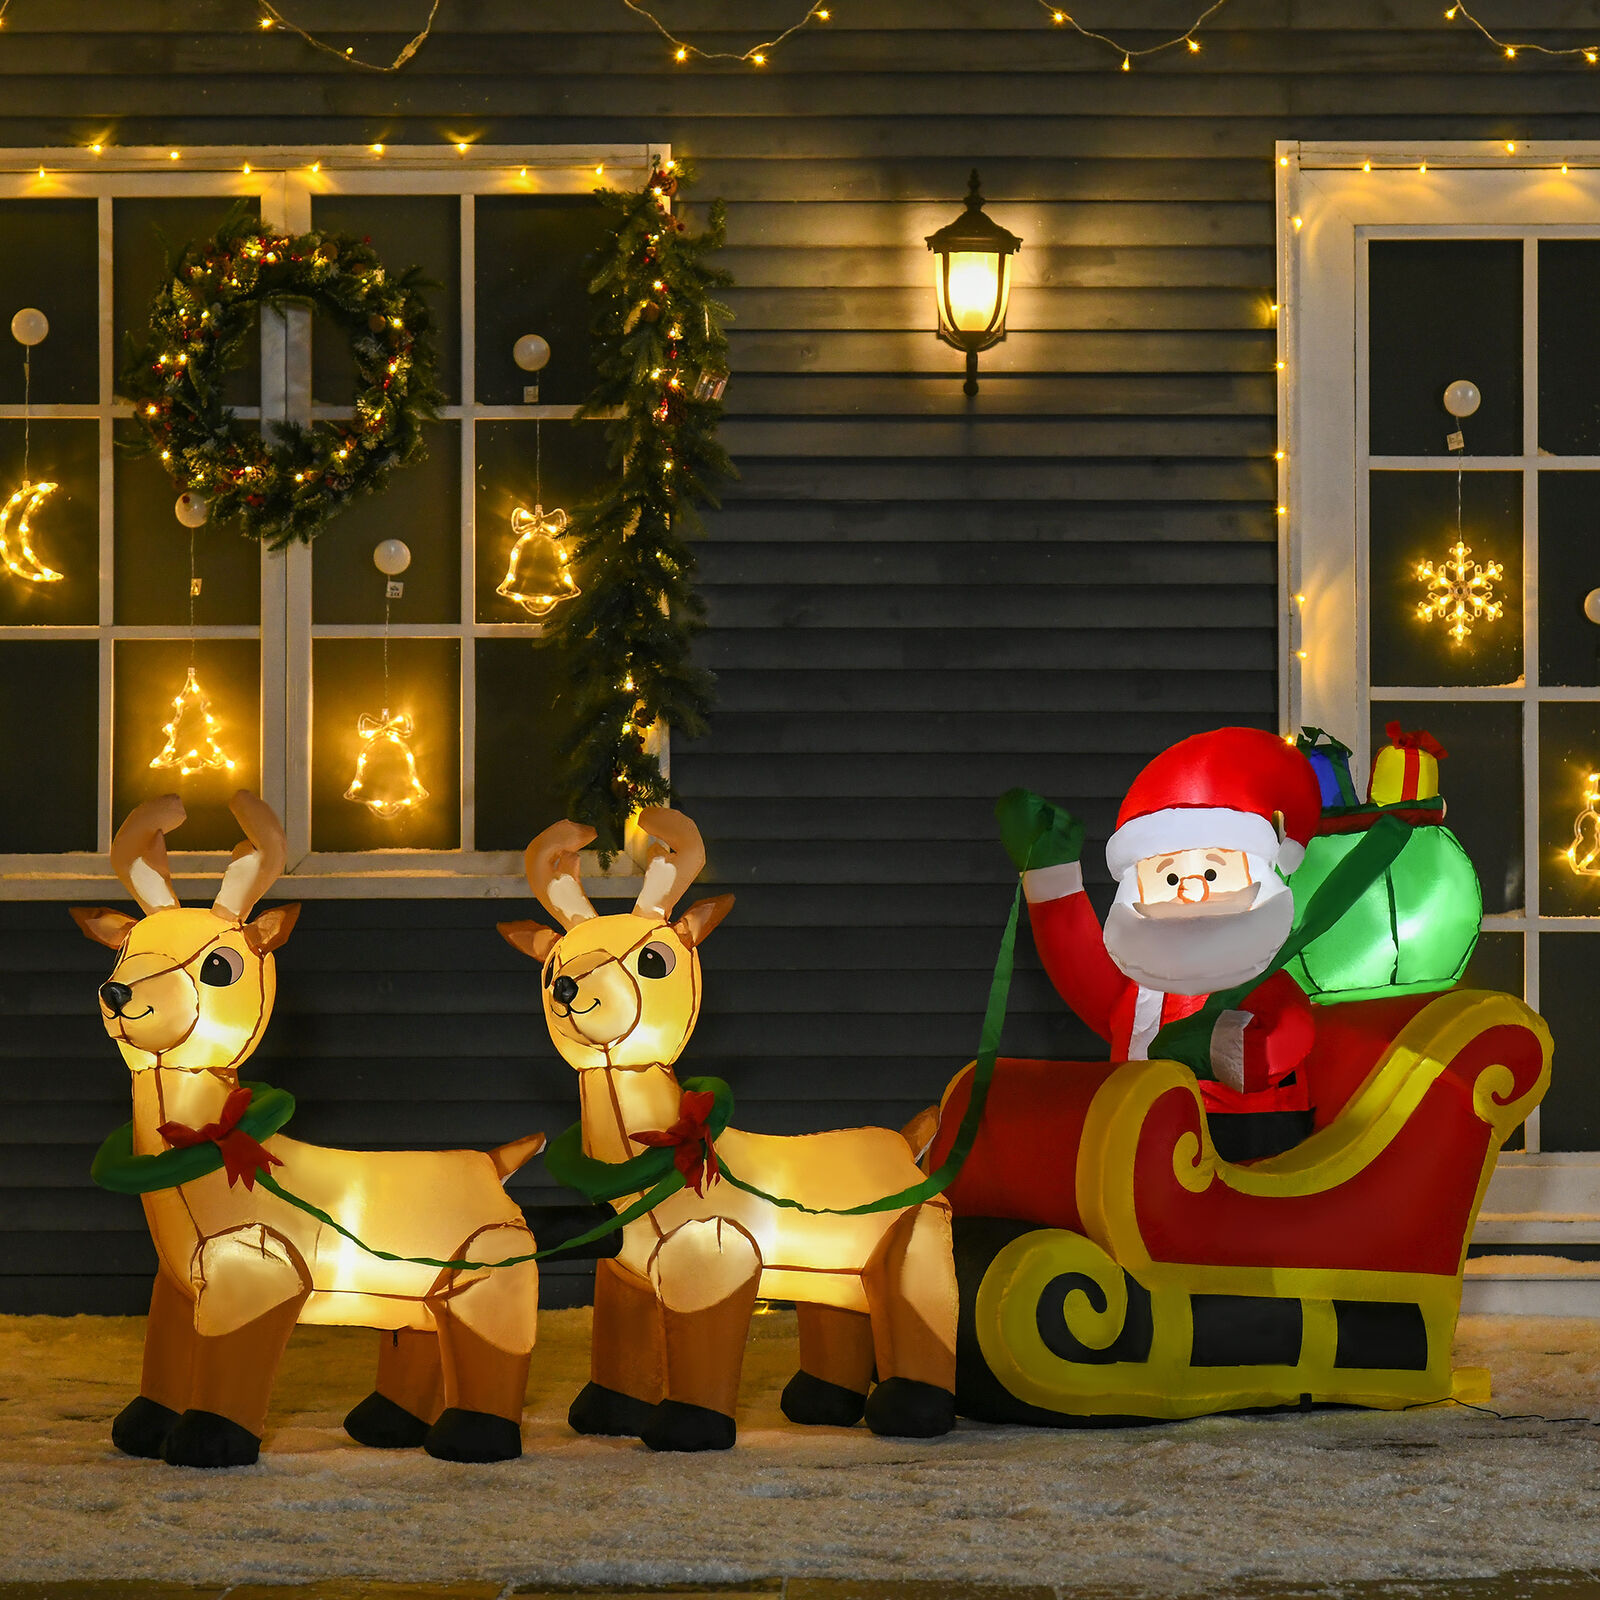 Papá Noel con Renos Trineo Inflable con Luces LED Decoración de Navidad...